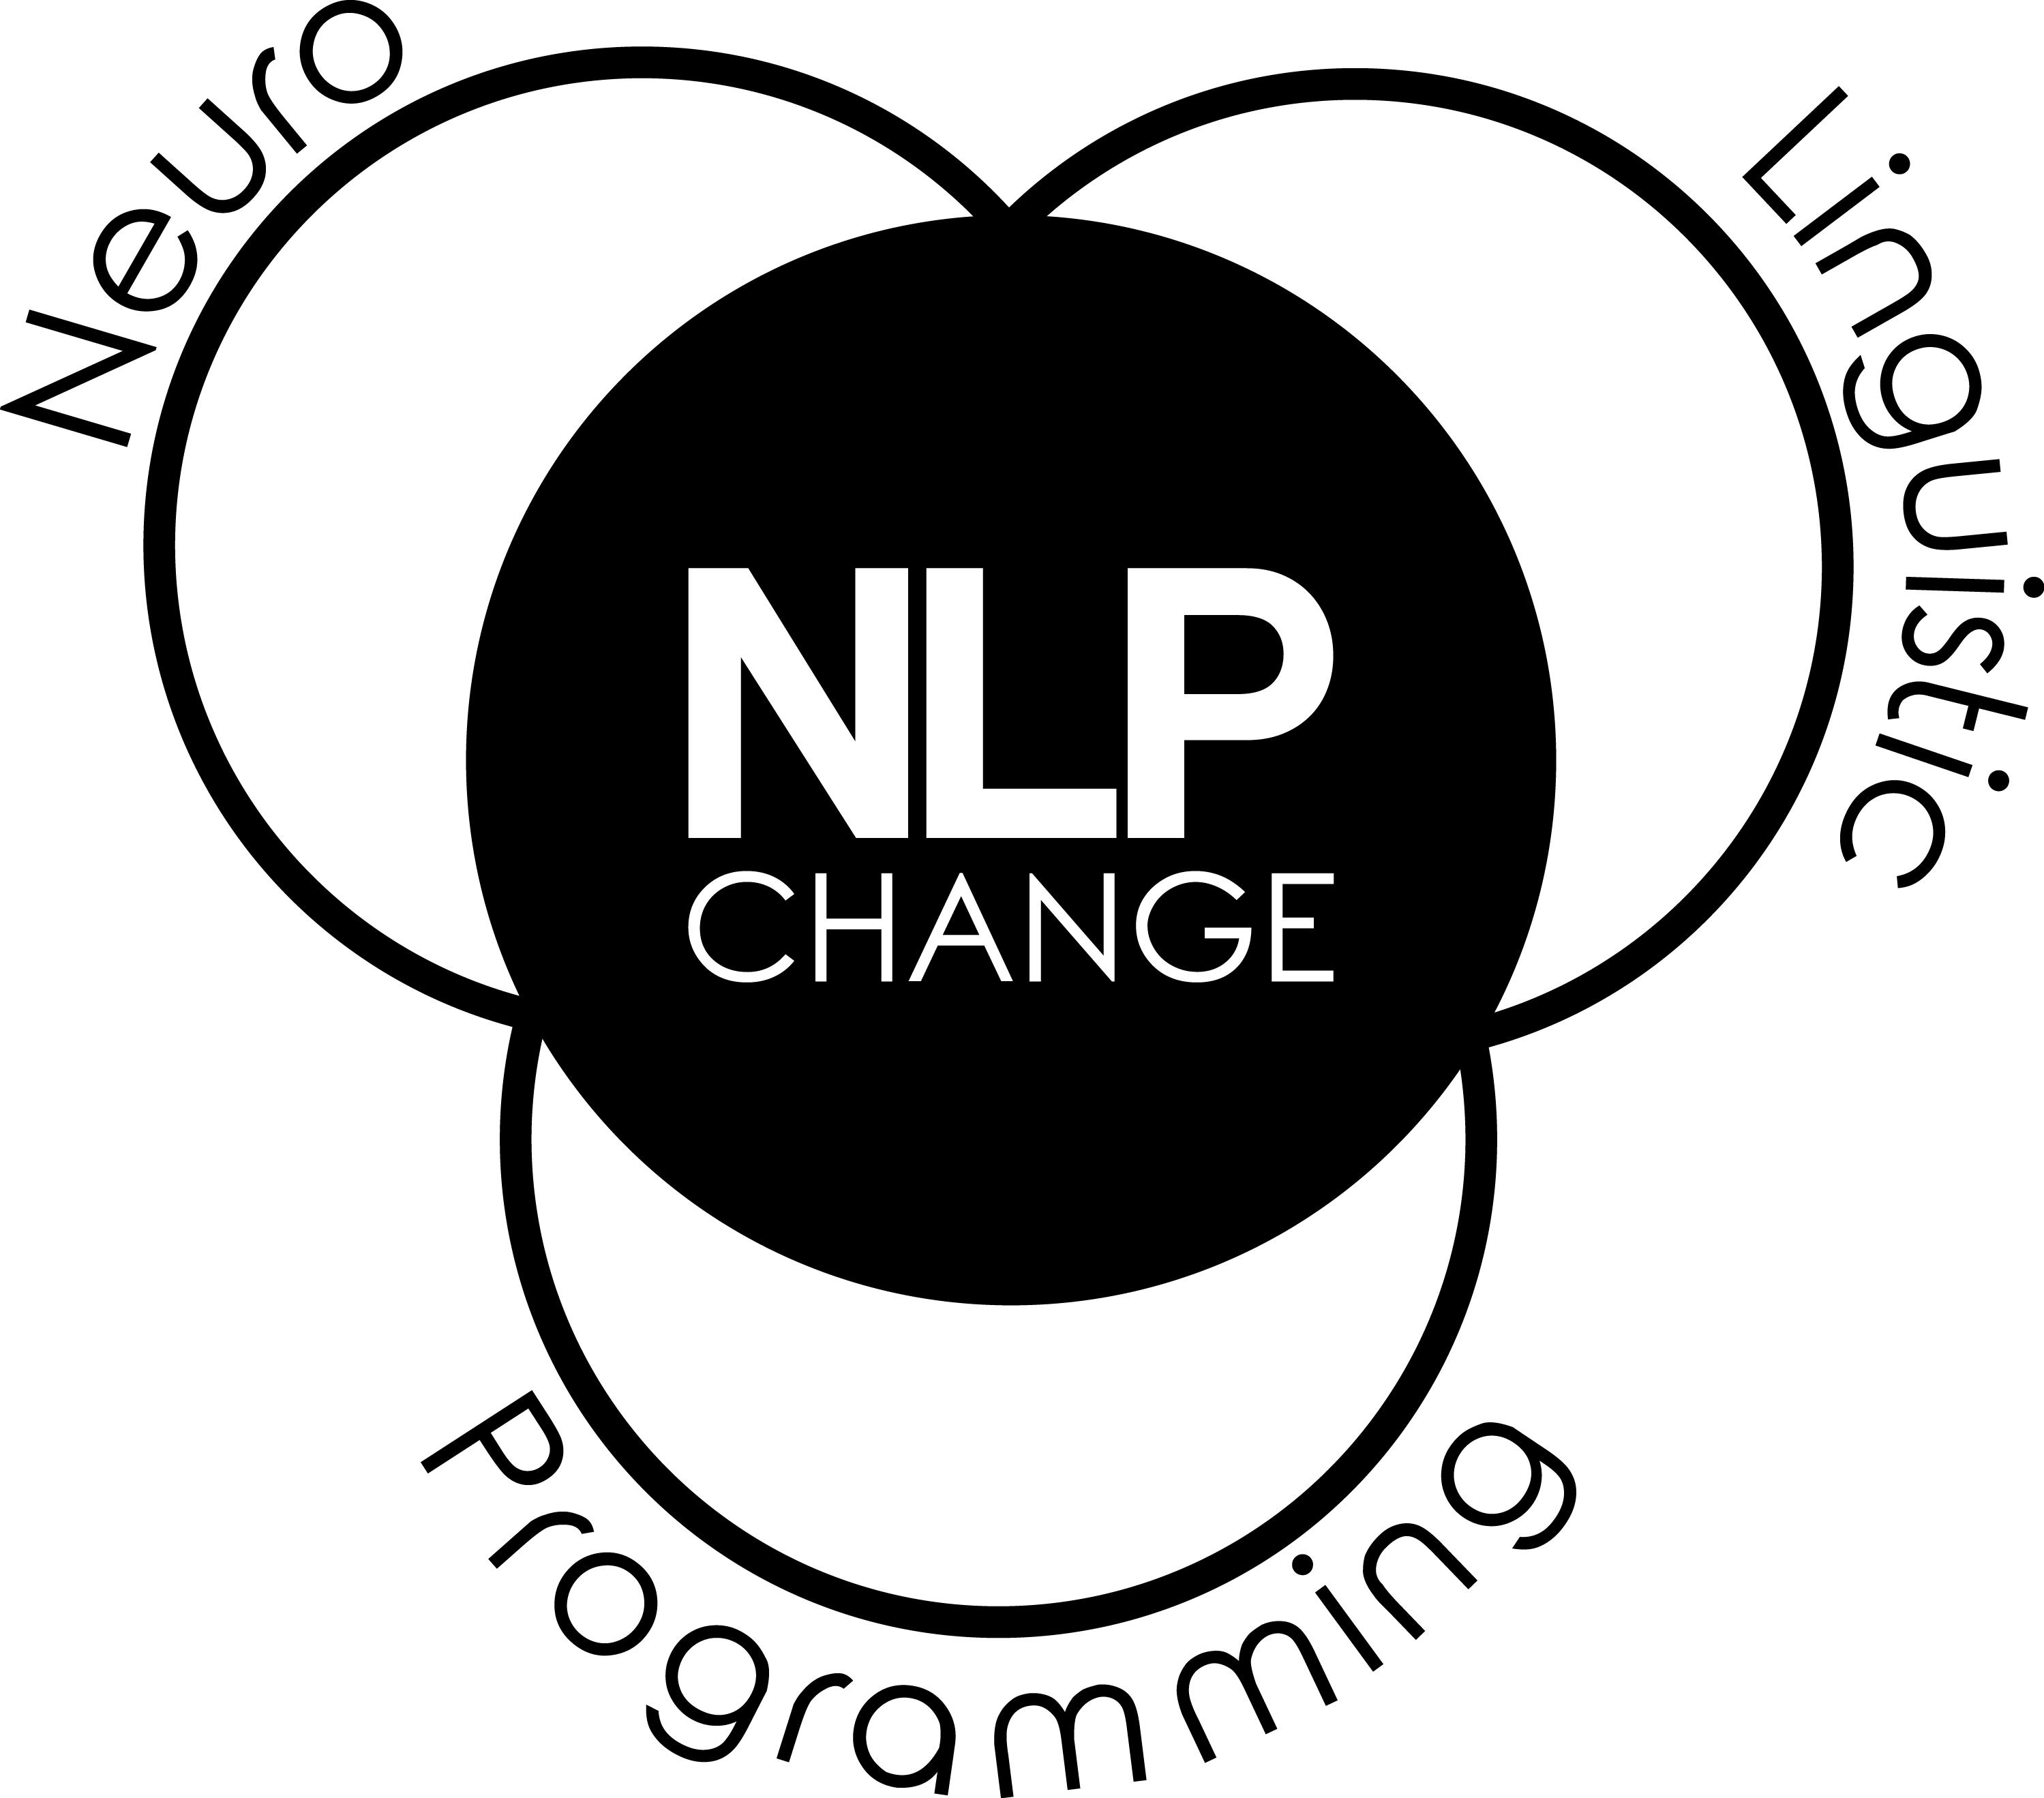 nlp_changejpg